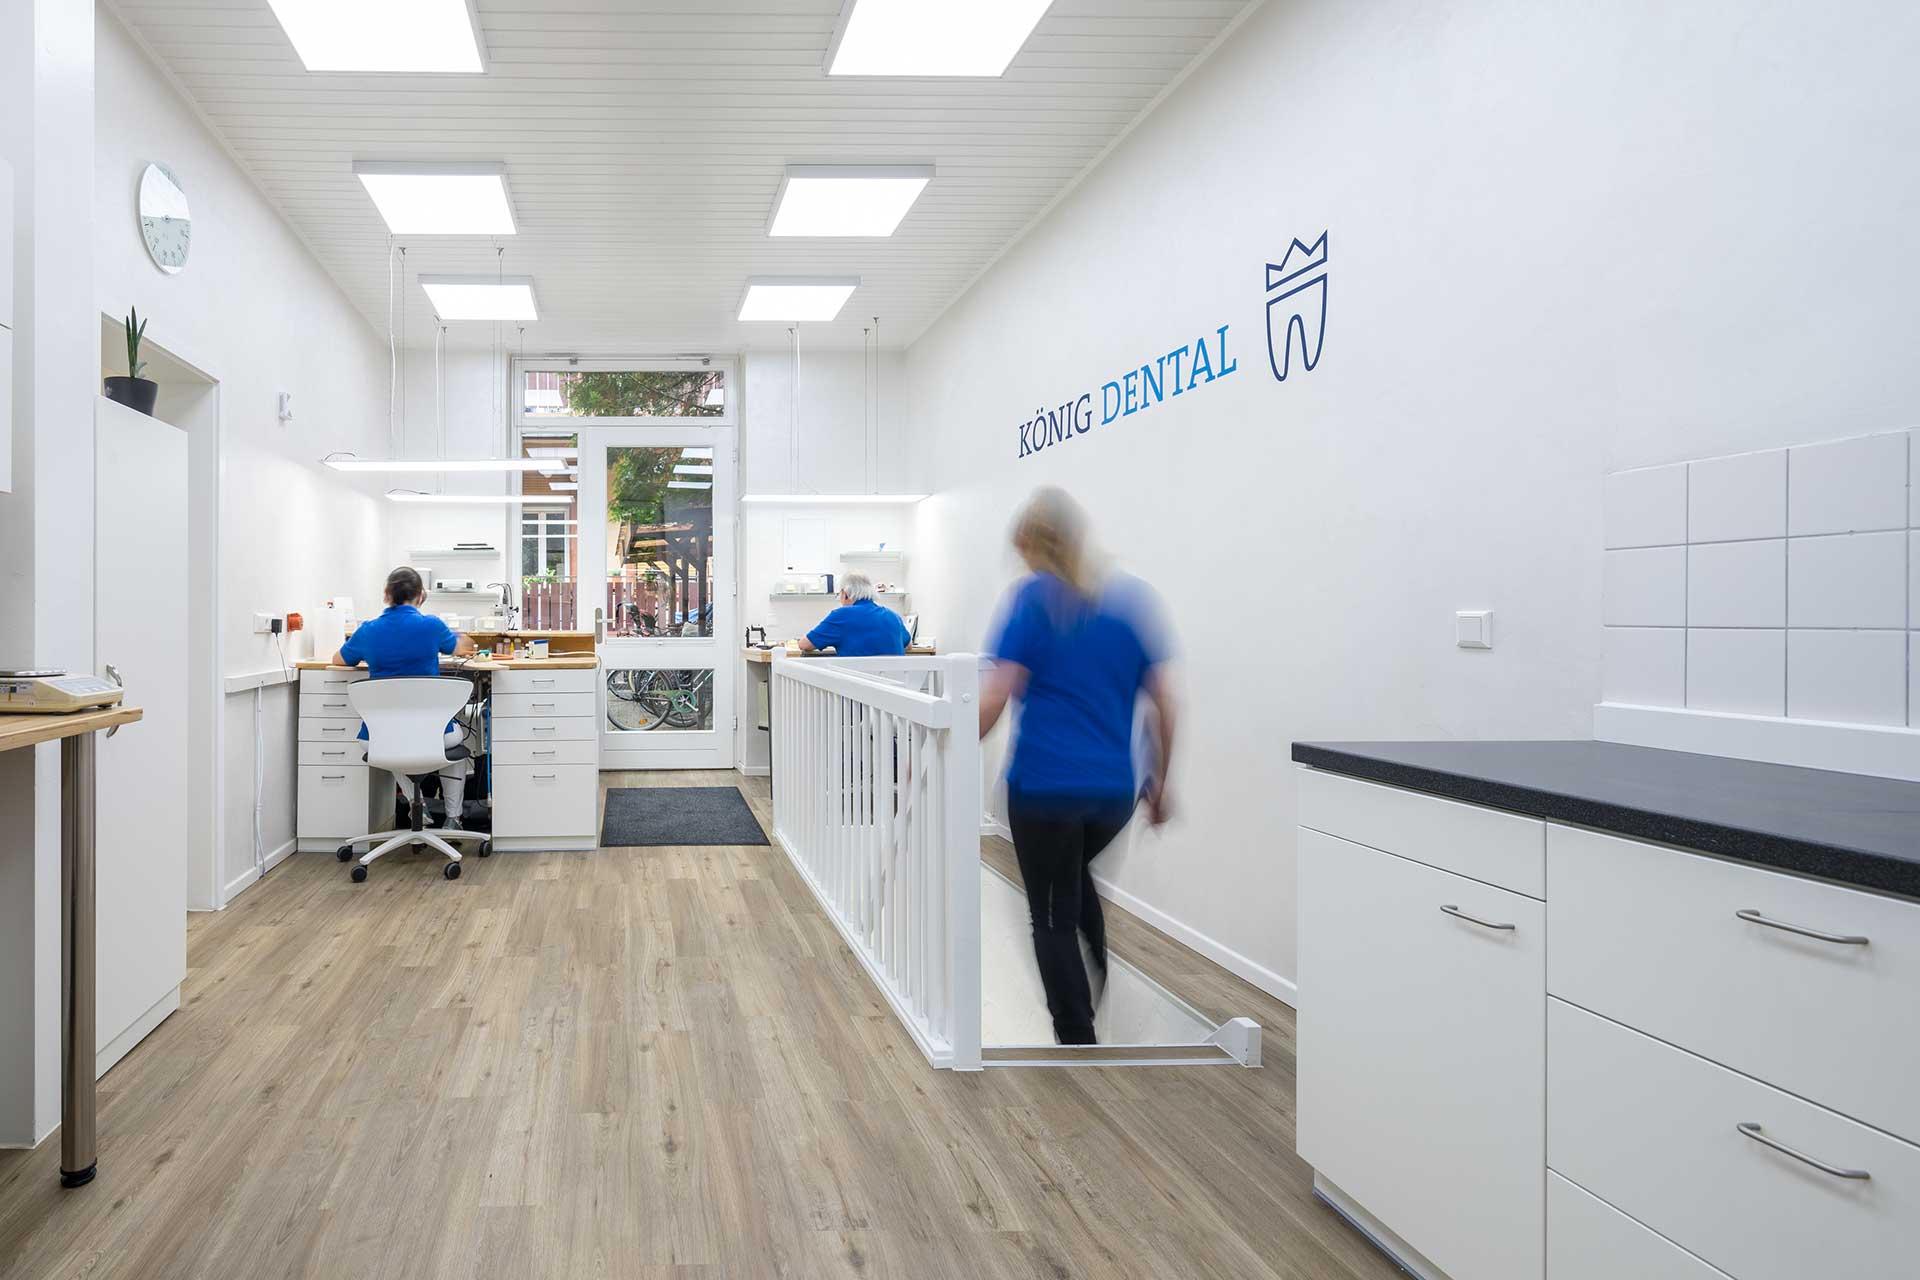 Koenig-Dental_Laborraum_Eingang_Web